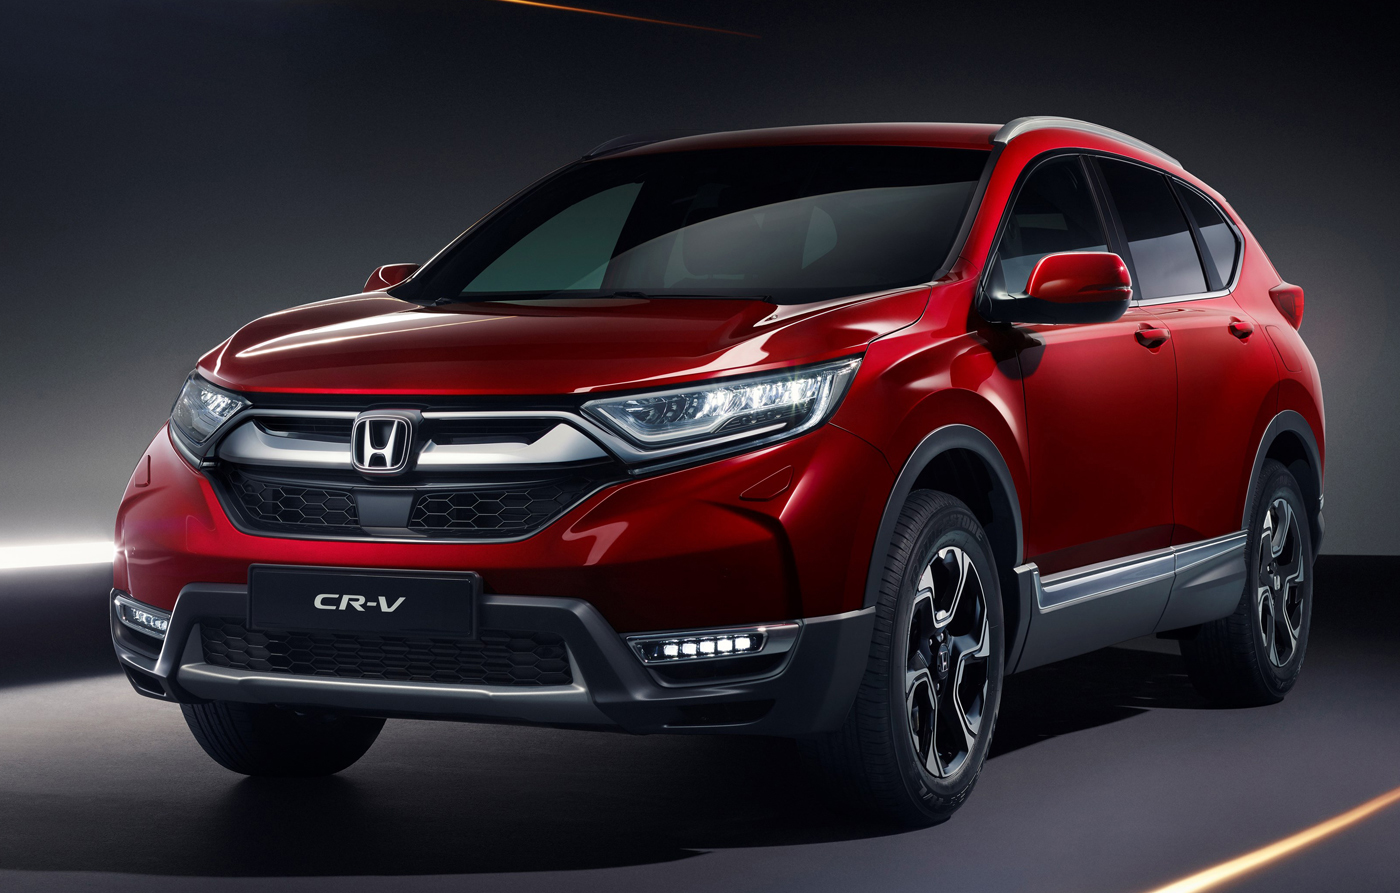 2016年から日本市場での販売を中止していたCR-Vが今夏復活する